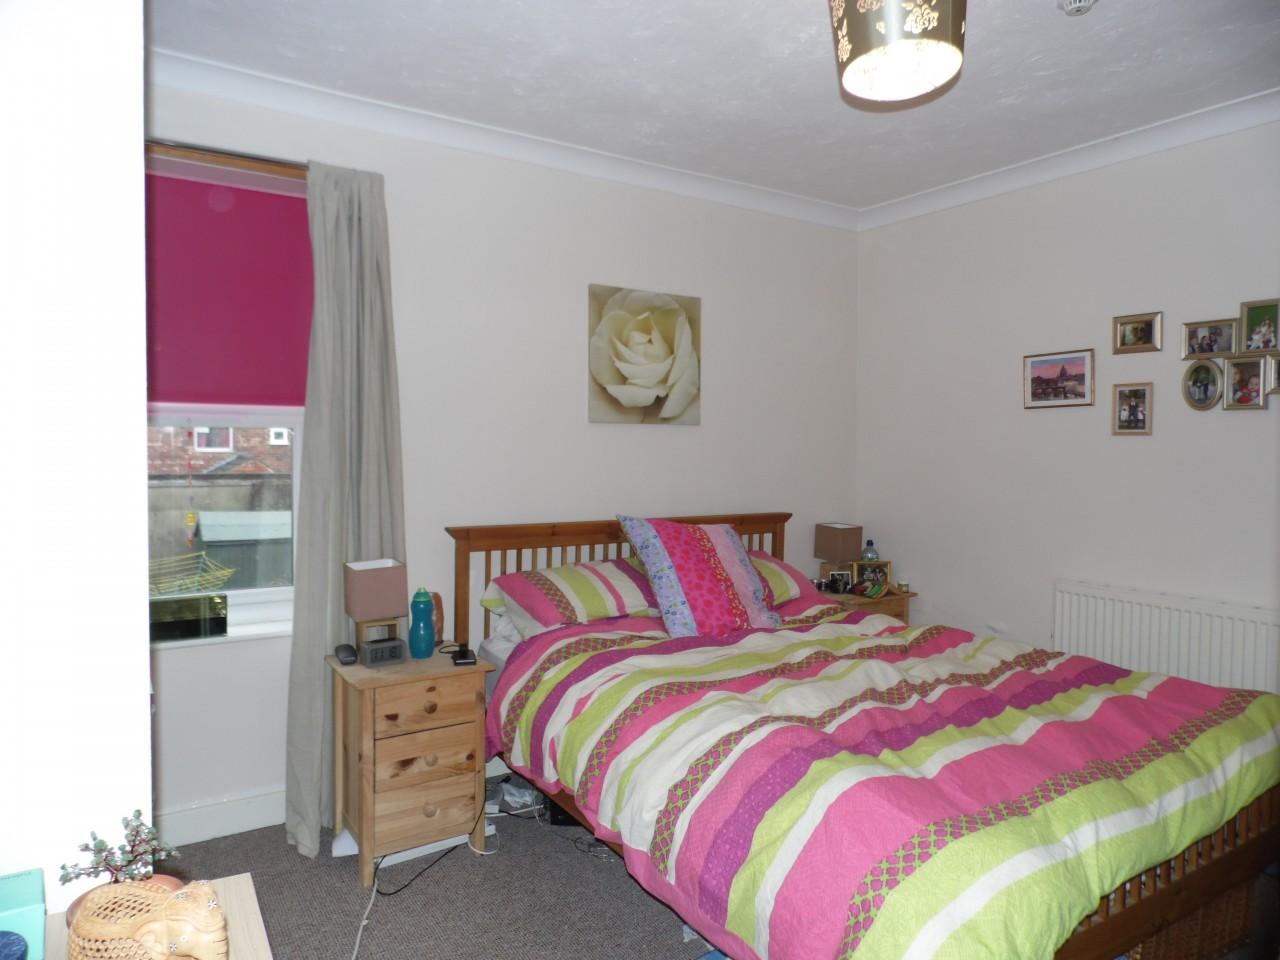 Romantic Rose Bedroom Theme